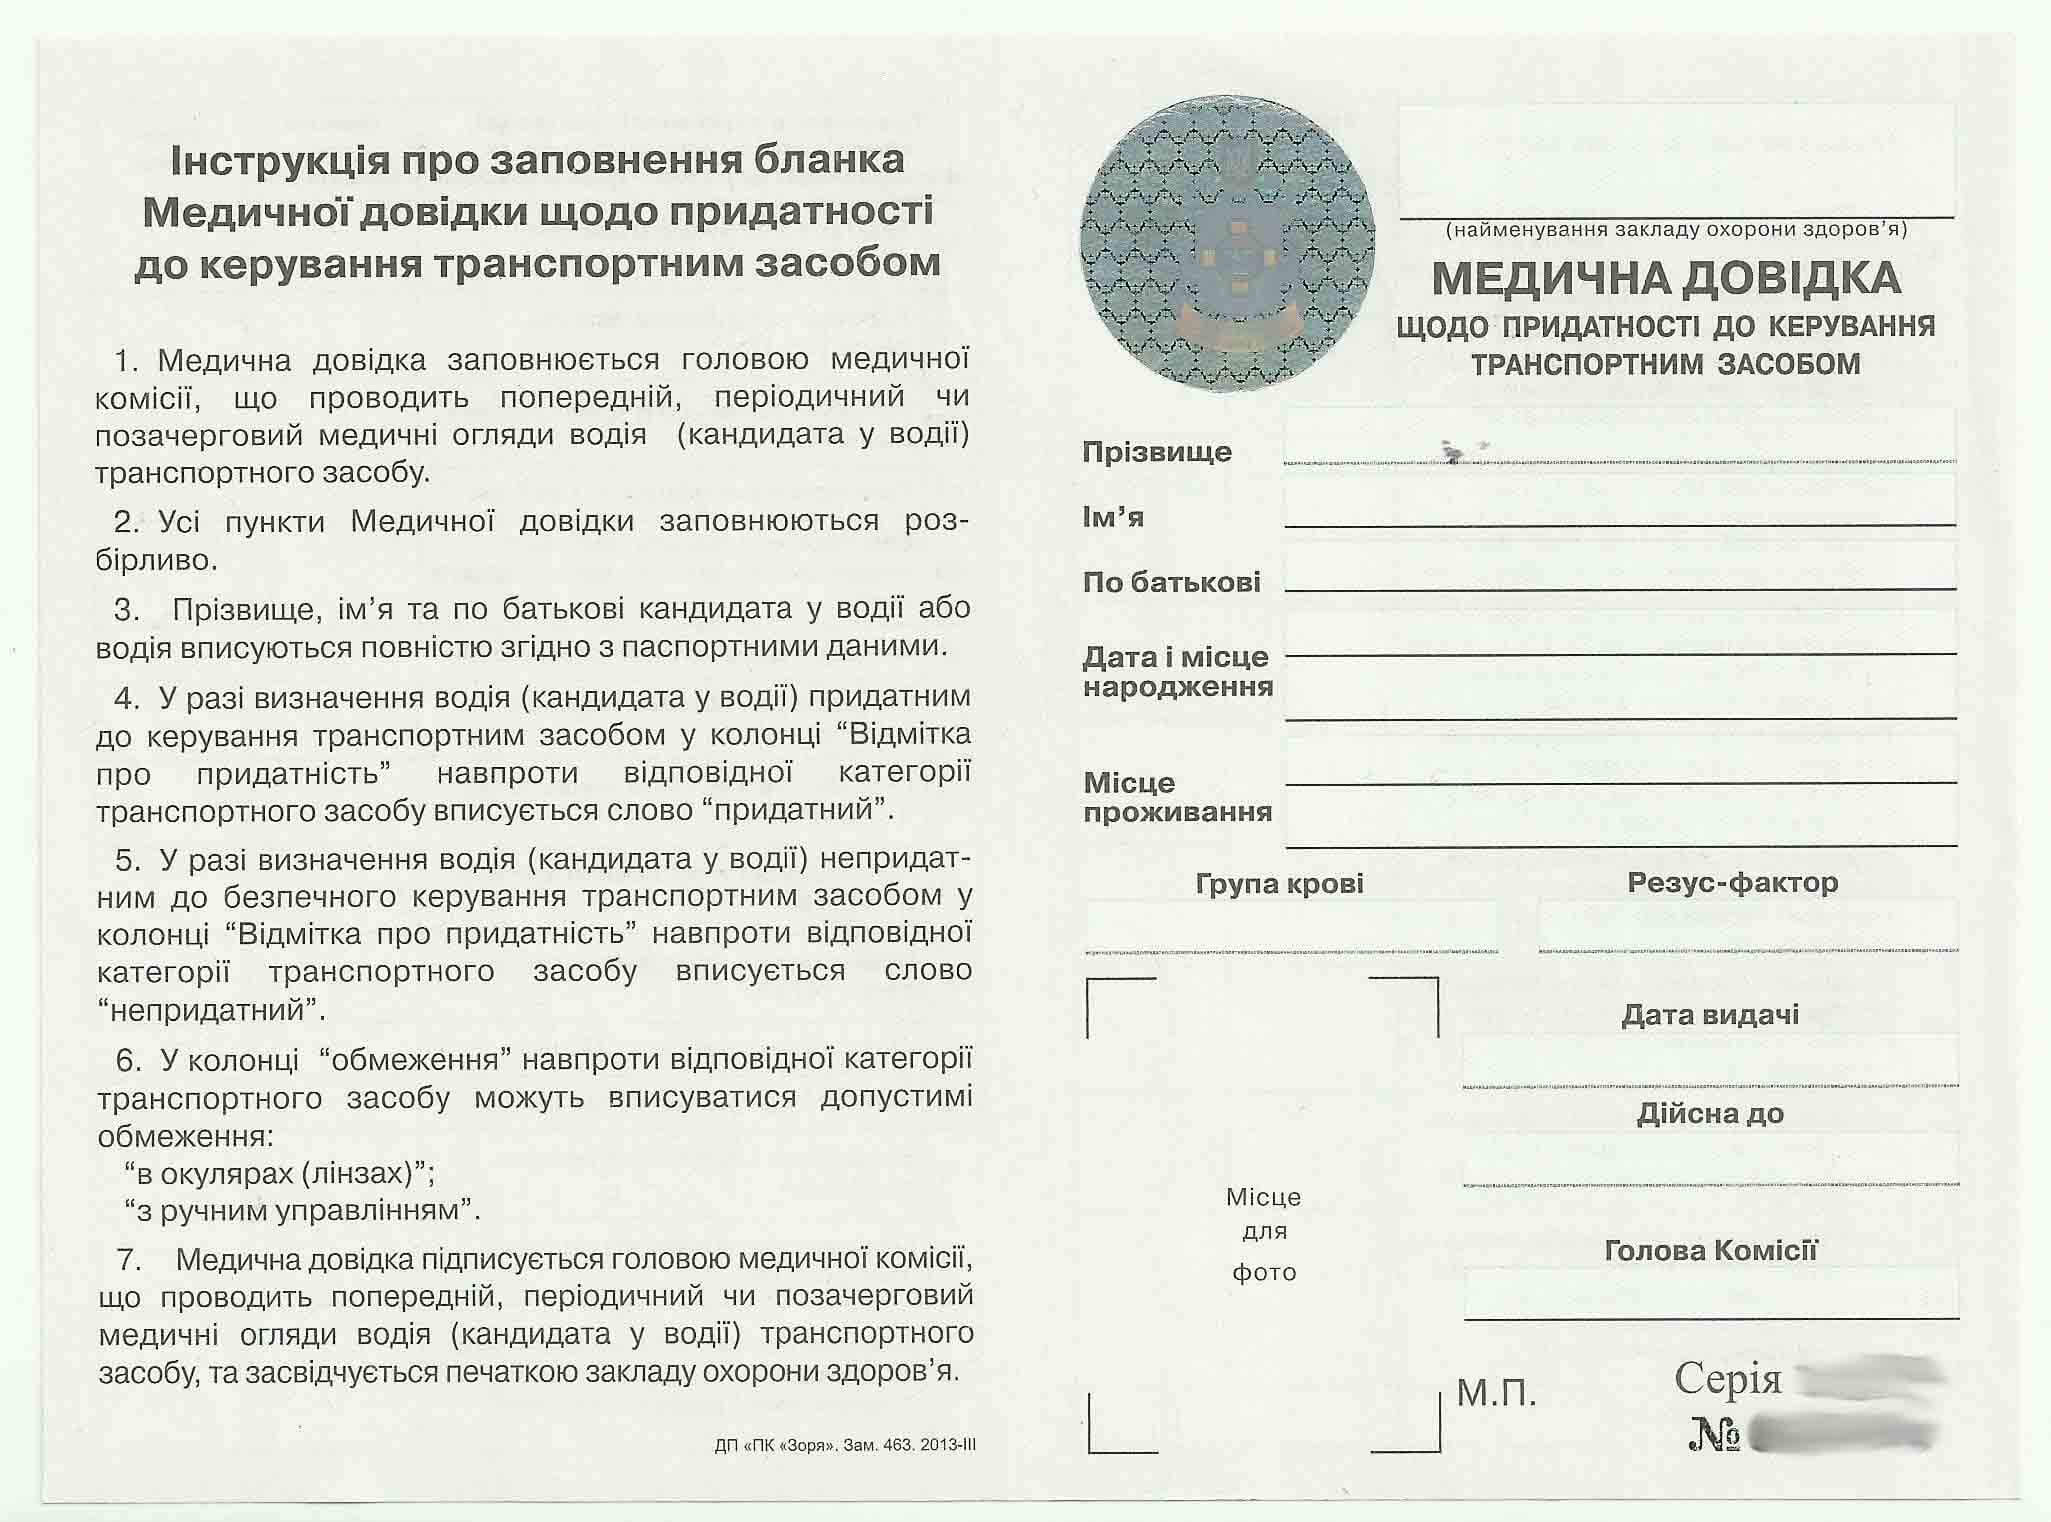 Медсправка для водителей Киев